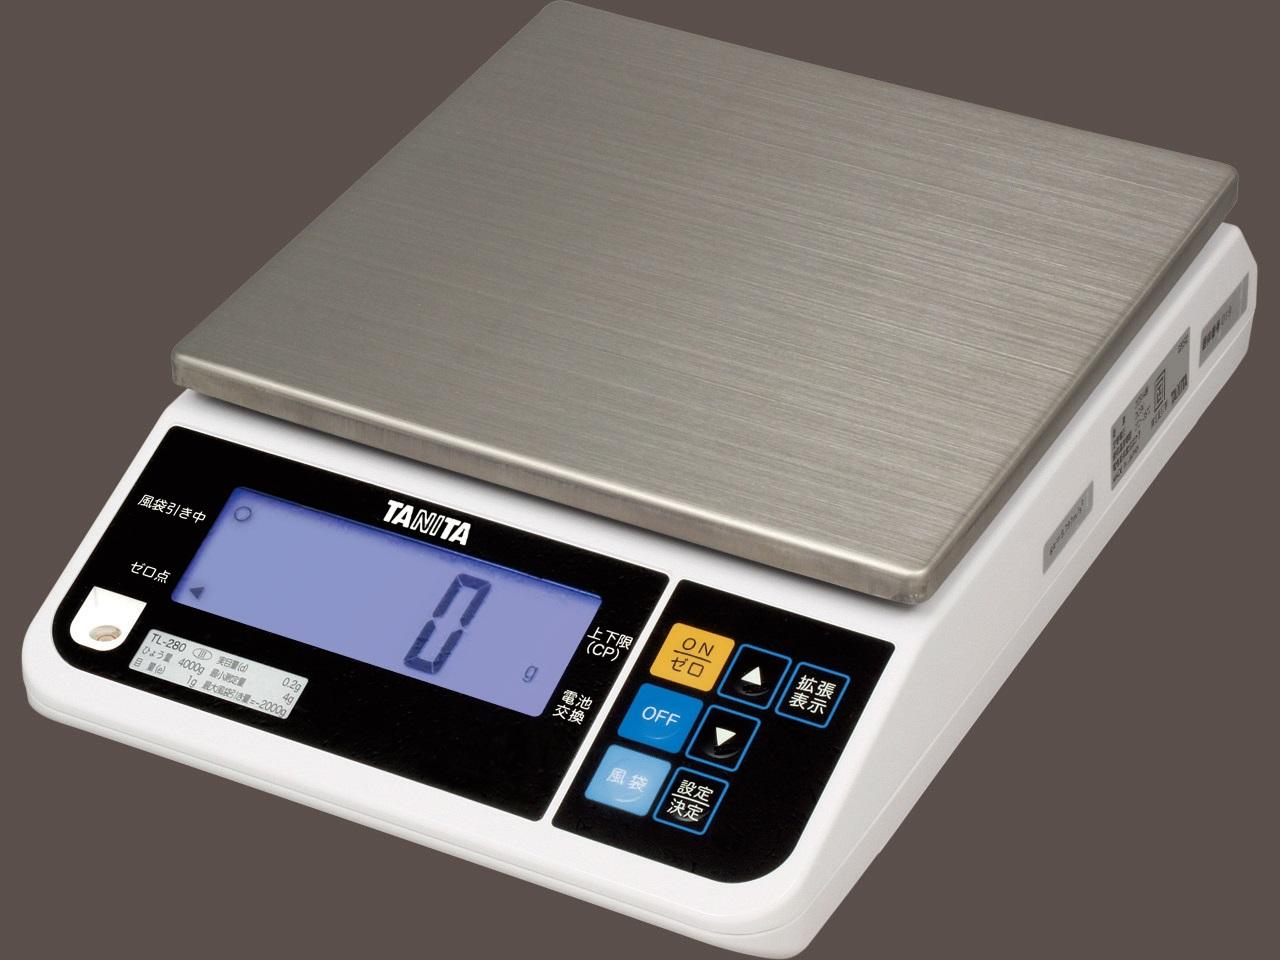 【�潟^ニタ】デジタルスケール TL-290  8000g  対面表示・USBポート付・取引証明用